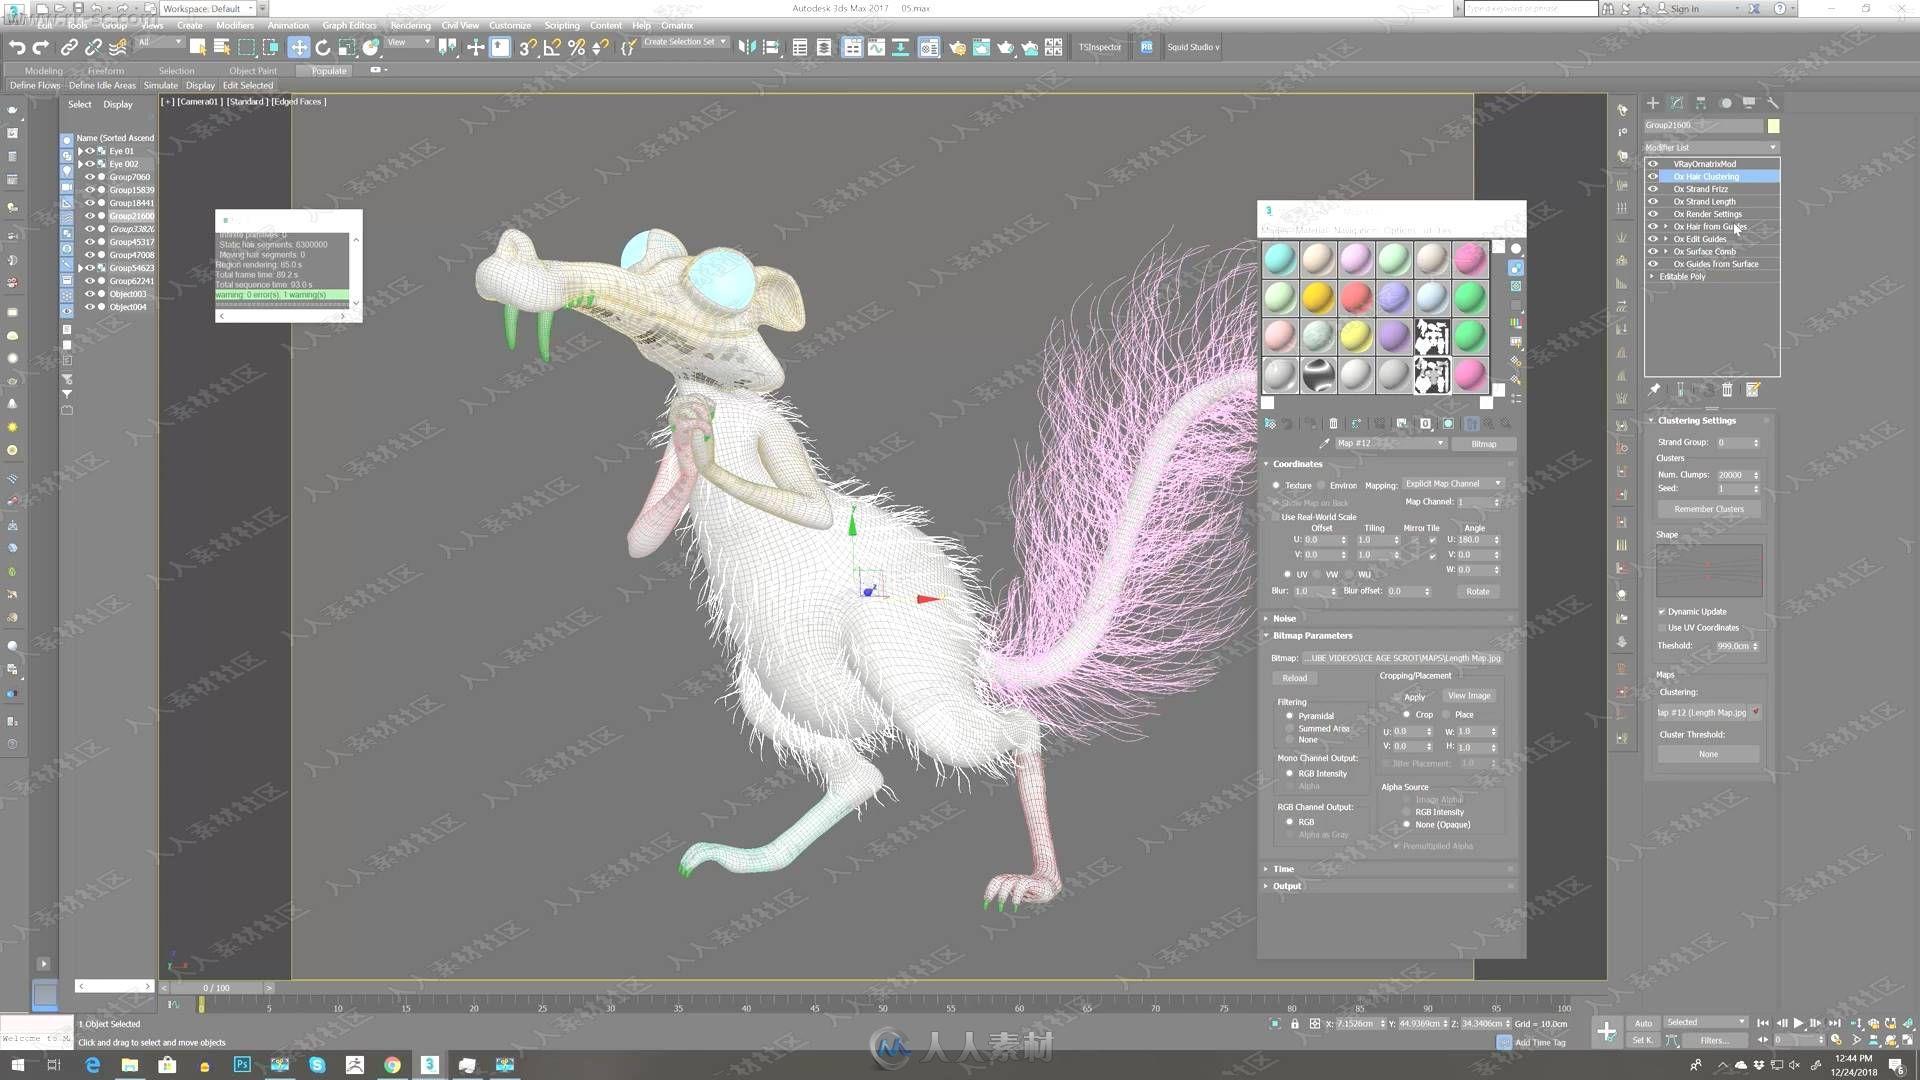 2018雕刻动画电影《冰川时代》松鼠角色模型视频教程